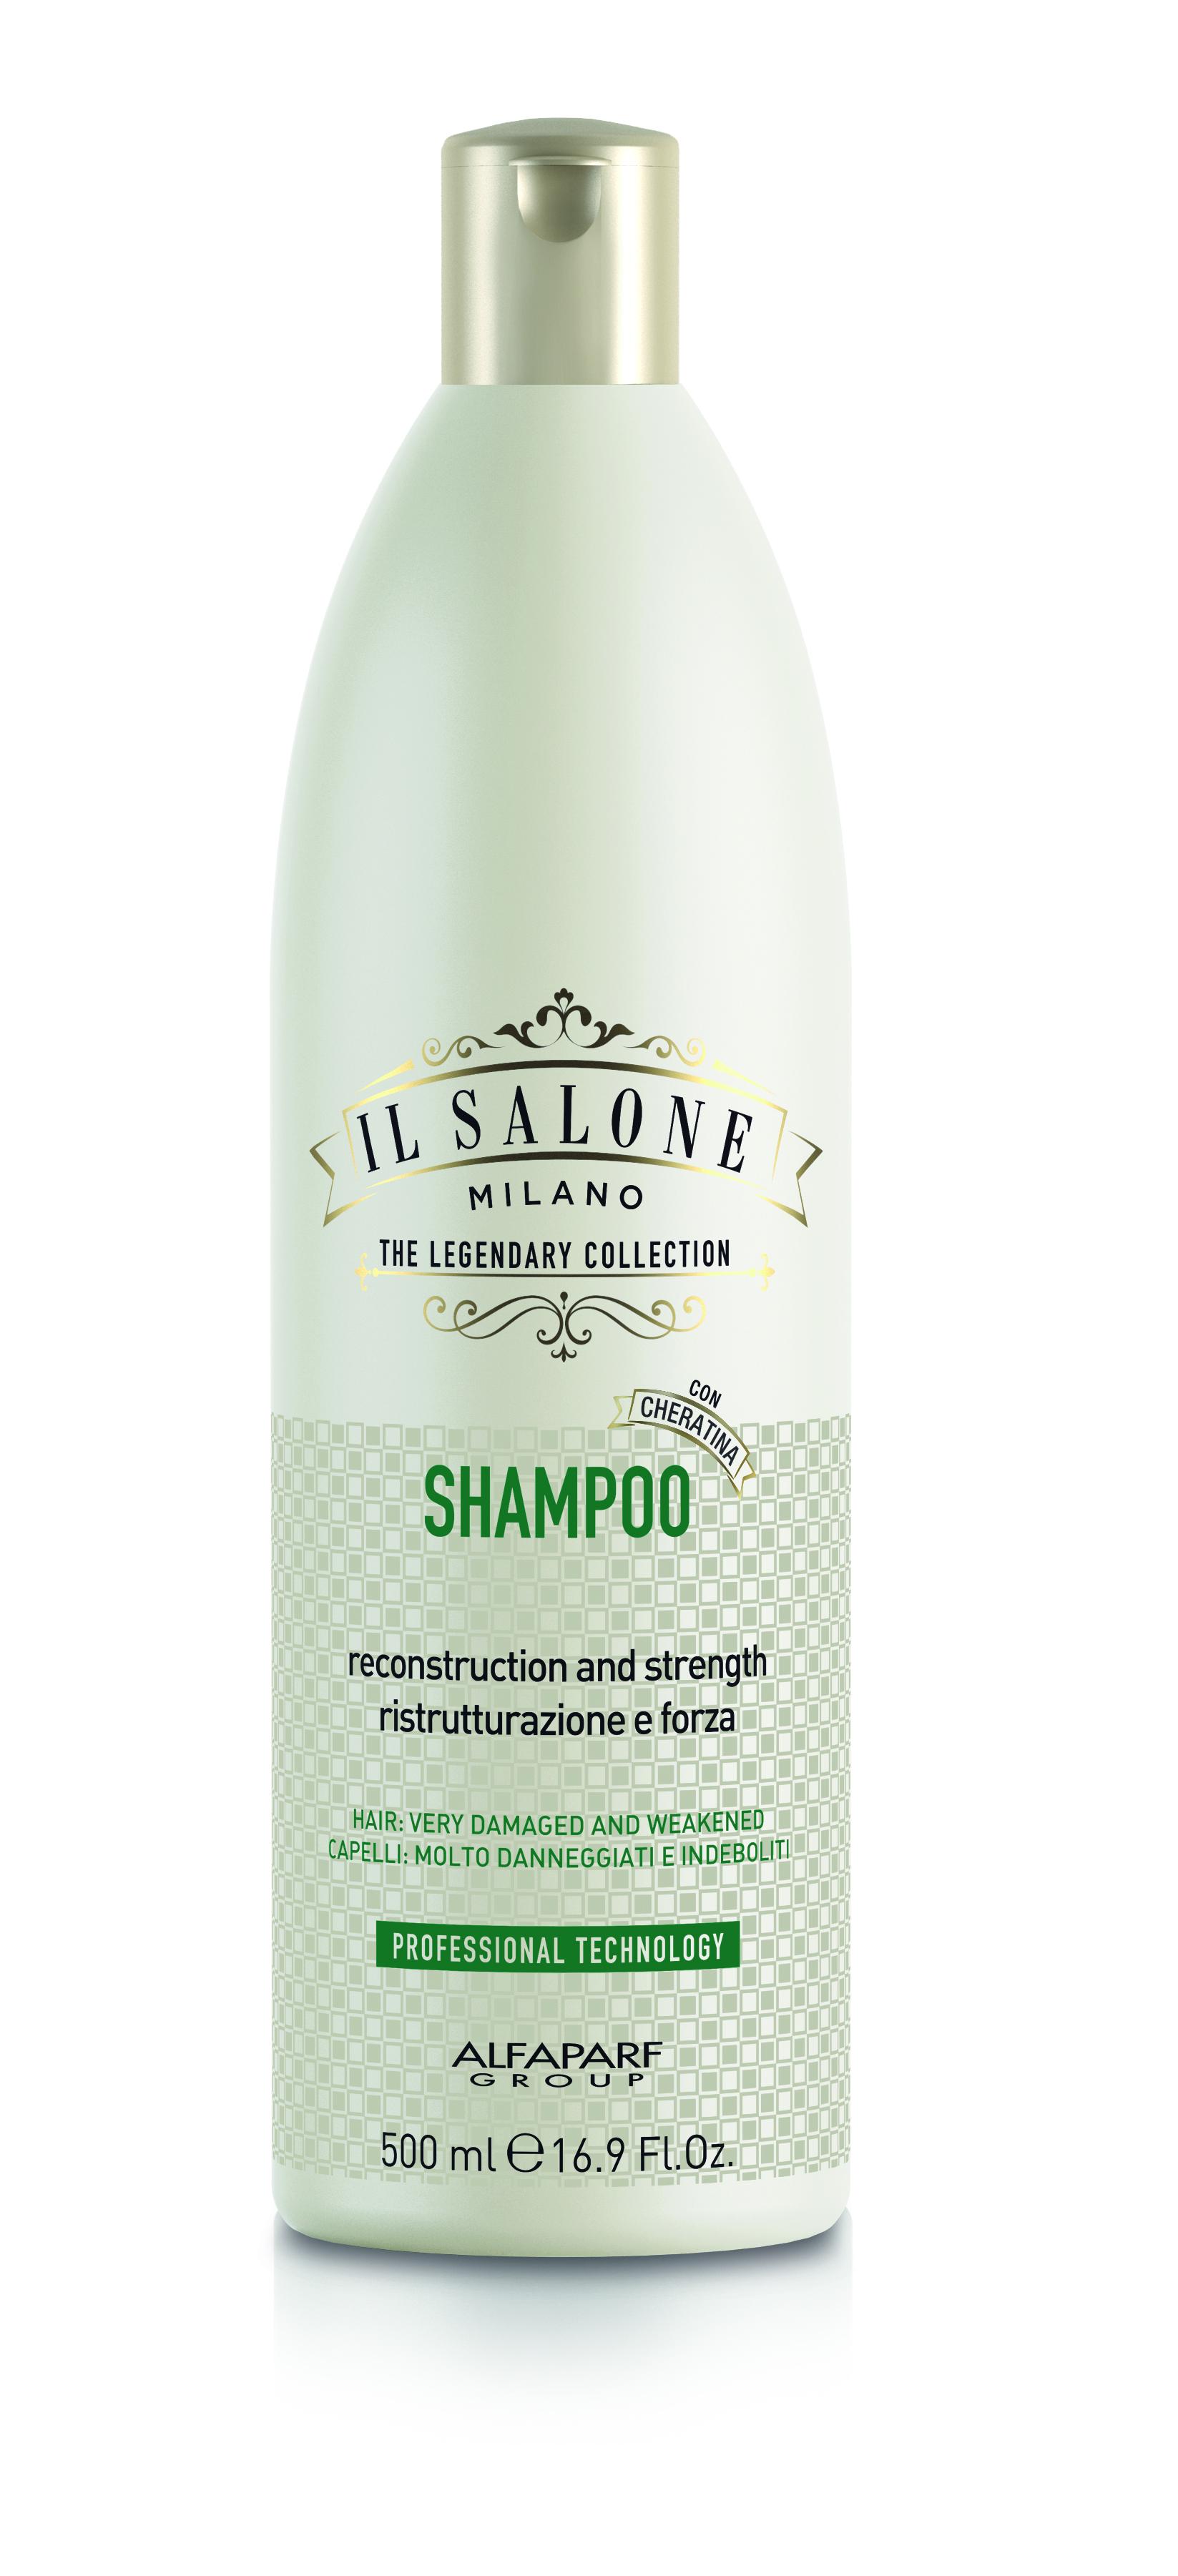 Znalezione obrazy dla zapytania il salone milano szampon keratyna